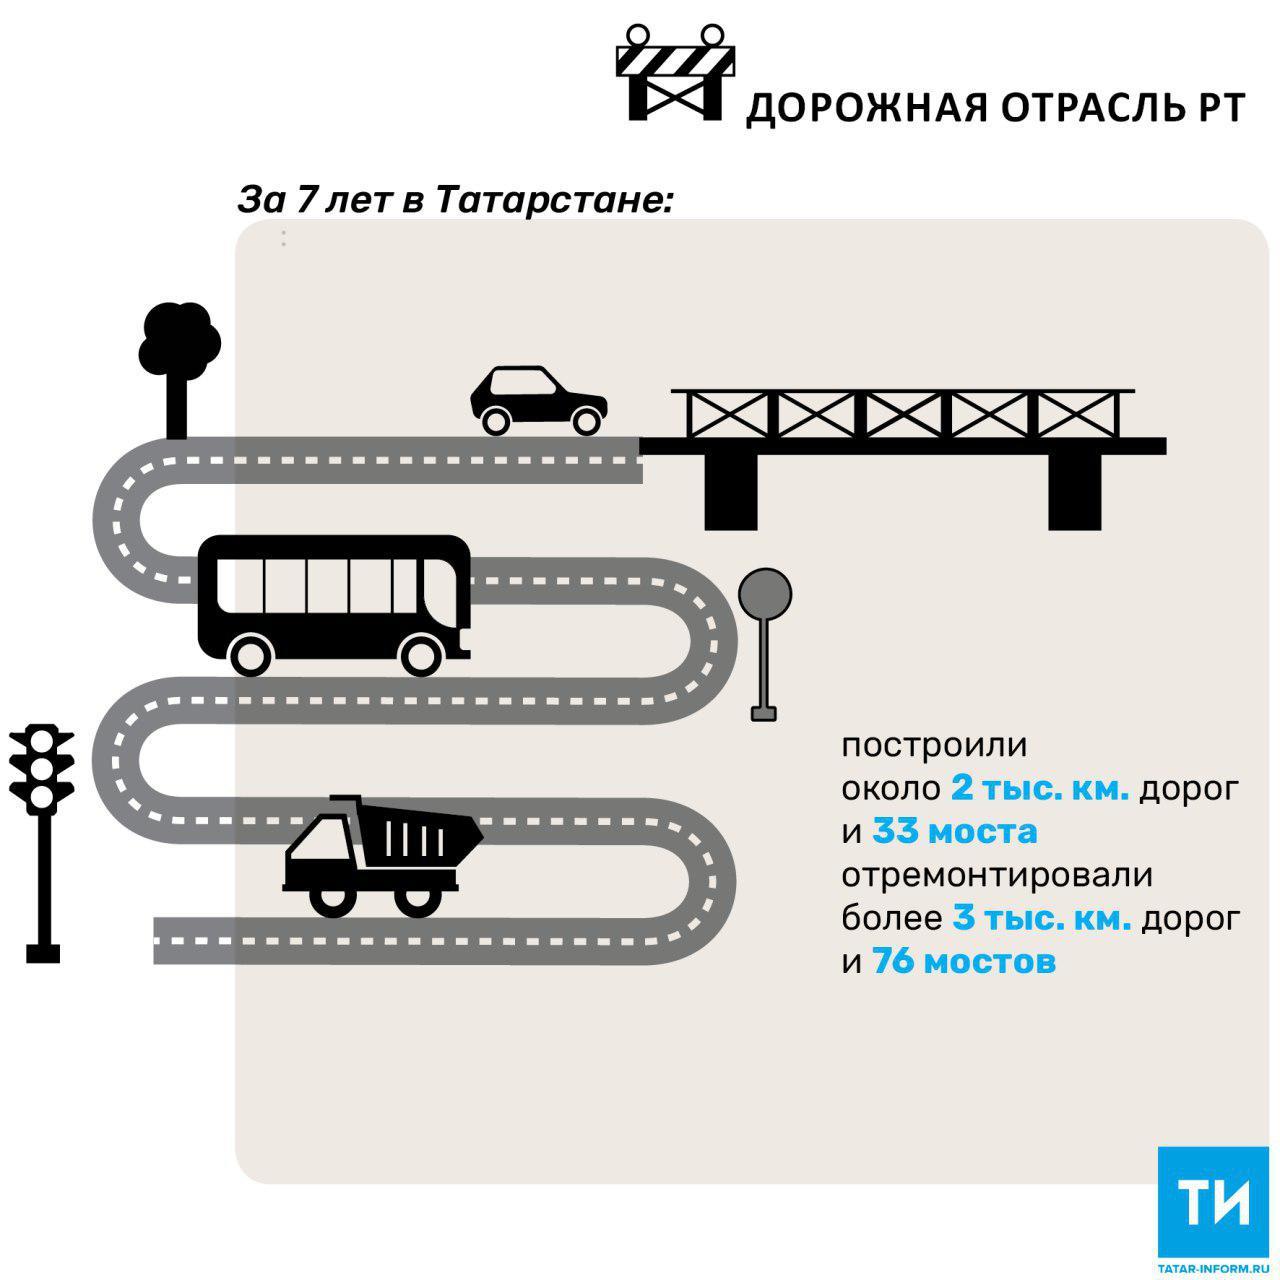 За семь лет в Татарстане построили около 2 тыс. км автомобильных дорог